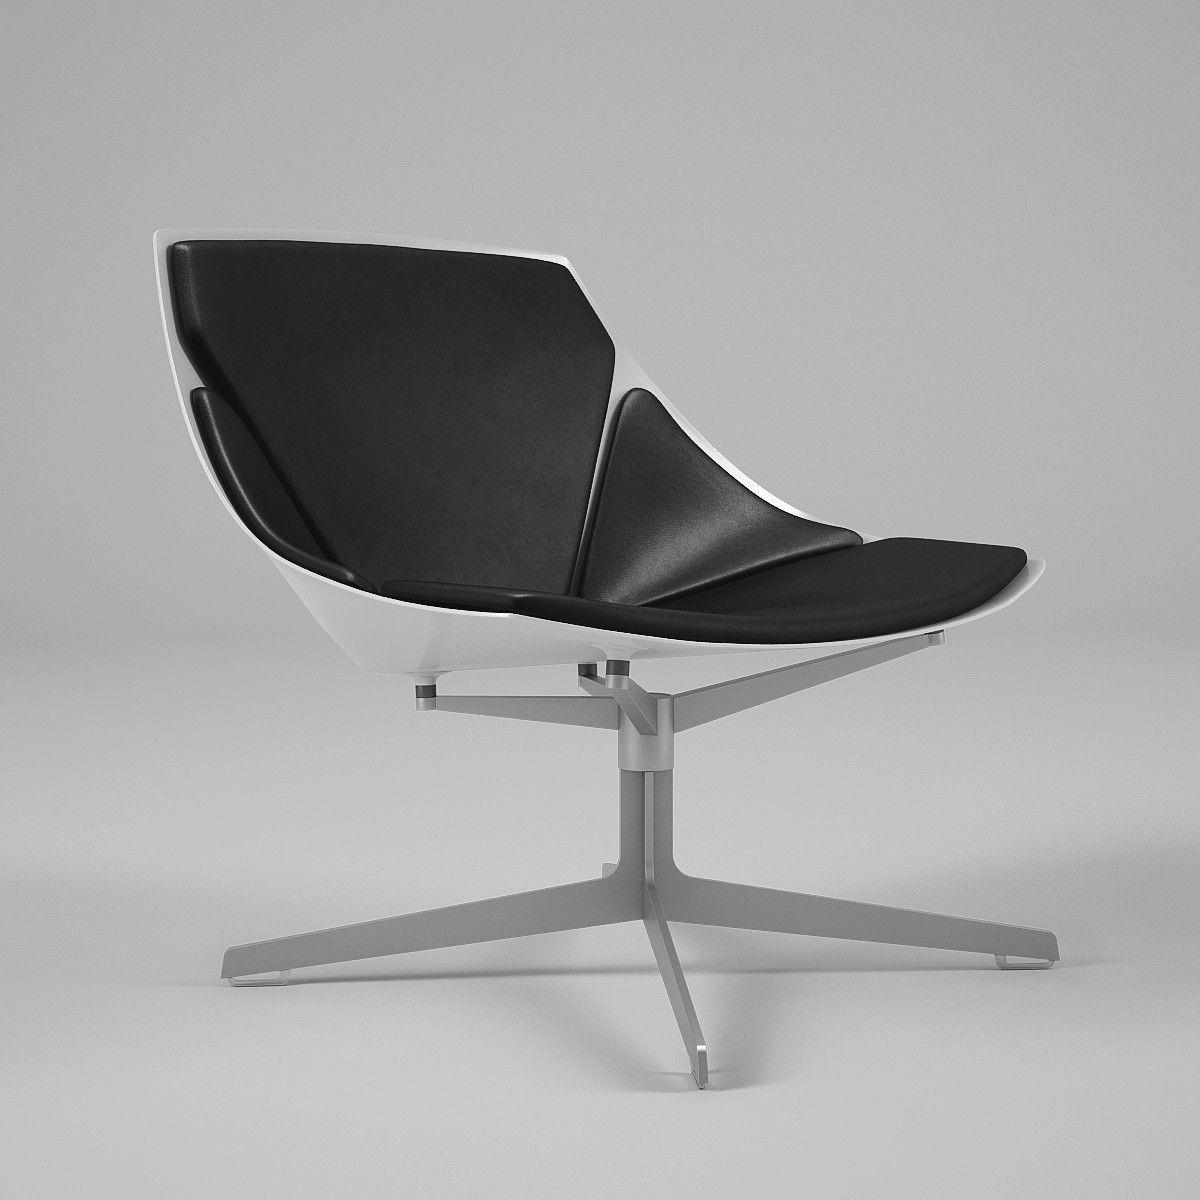 Delightful Fritz Hansen Space Chair Max